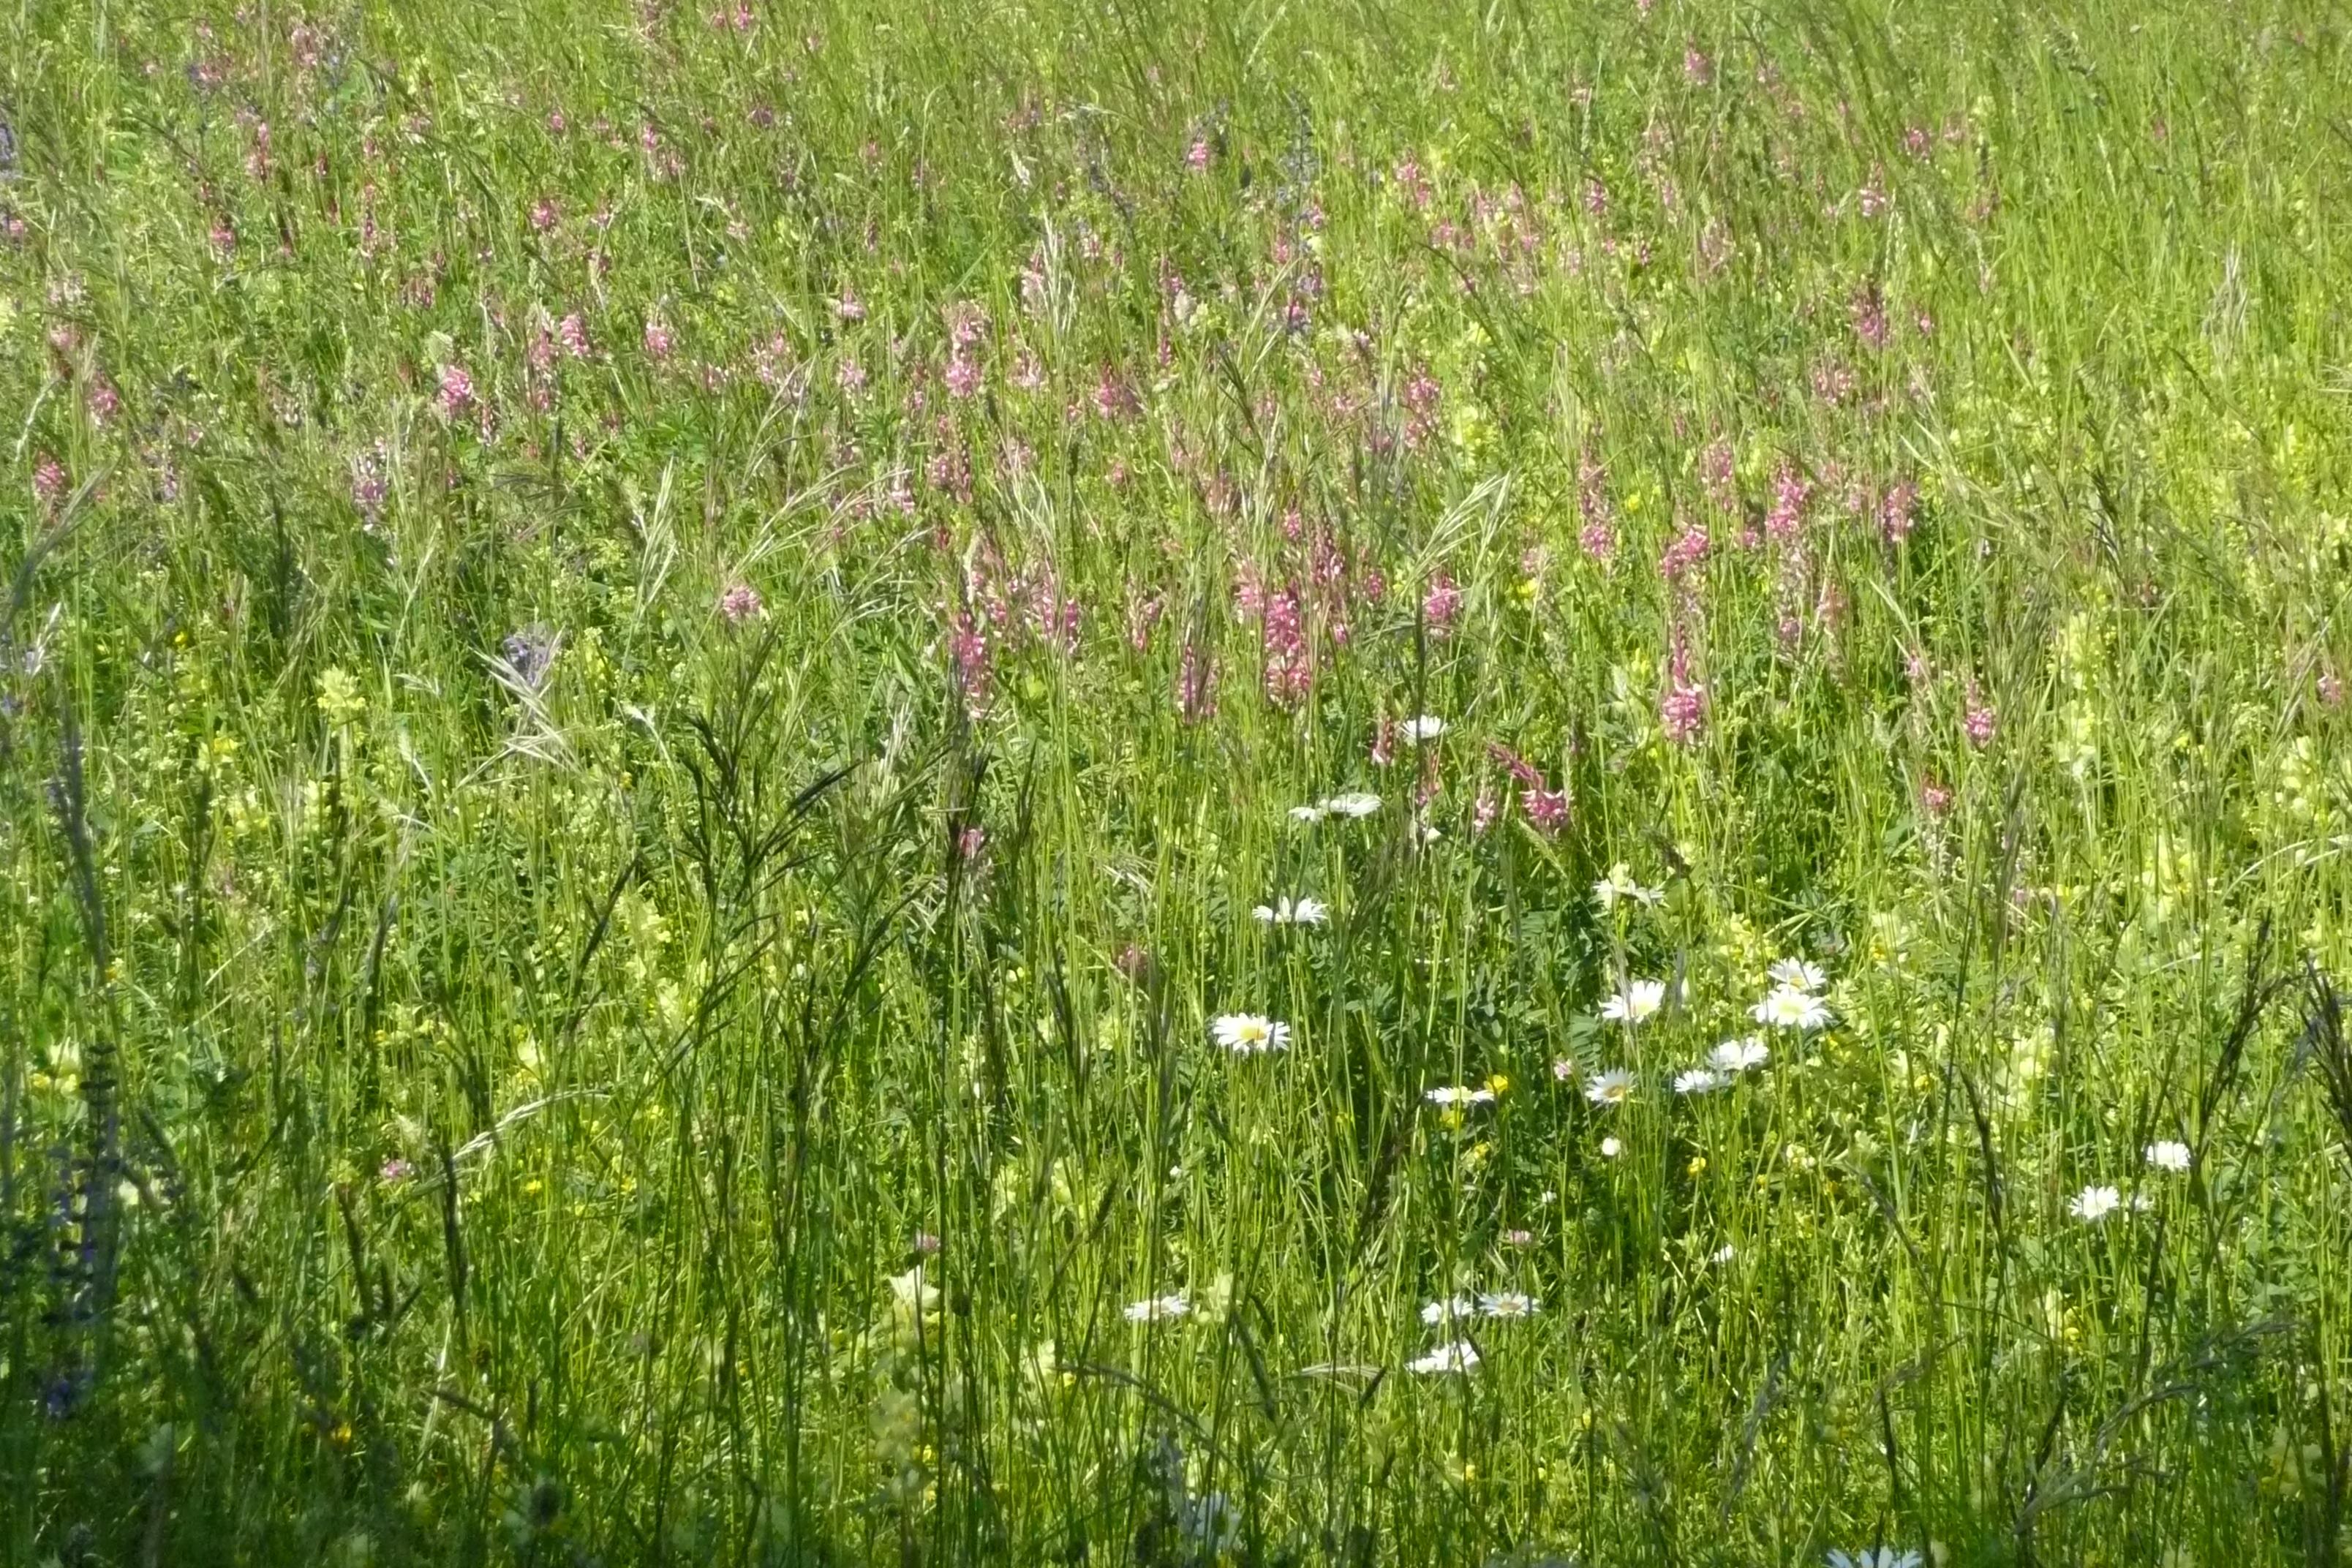 l homme ses jours sont comme l herbe comme la fleur des champs il fleurit psaume 102 103. Black Bedroom Furniture Sets. Home Design Ideas